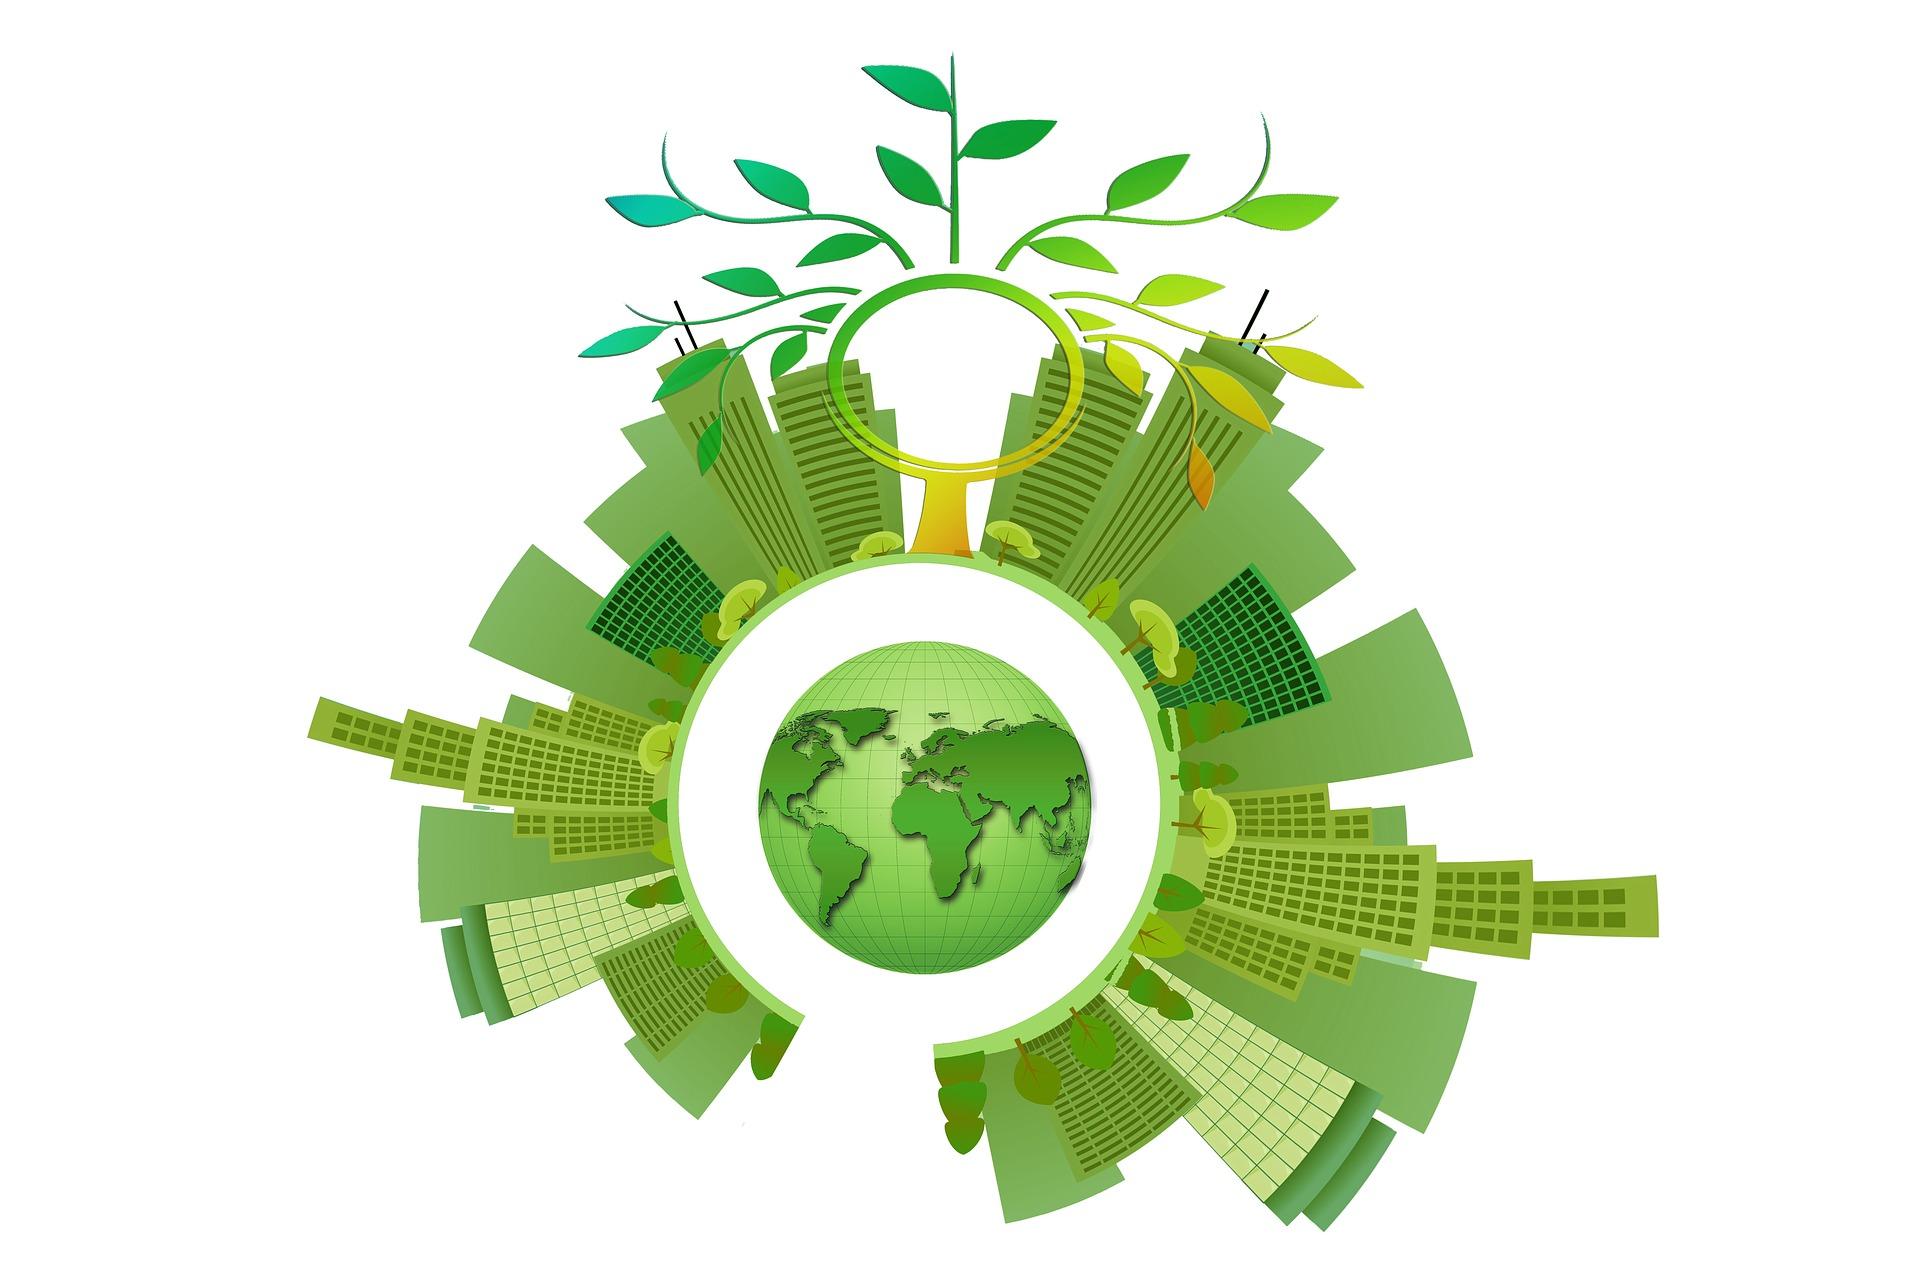 Patinete eléctrico sostenible